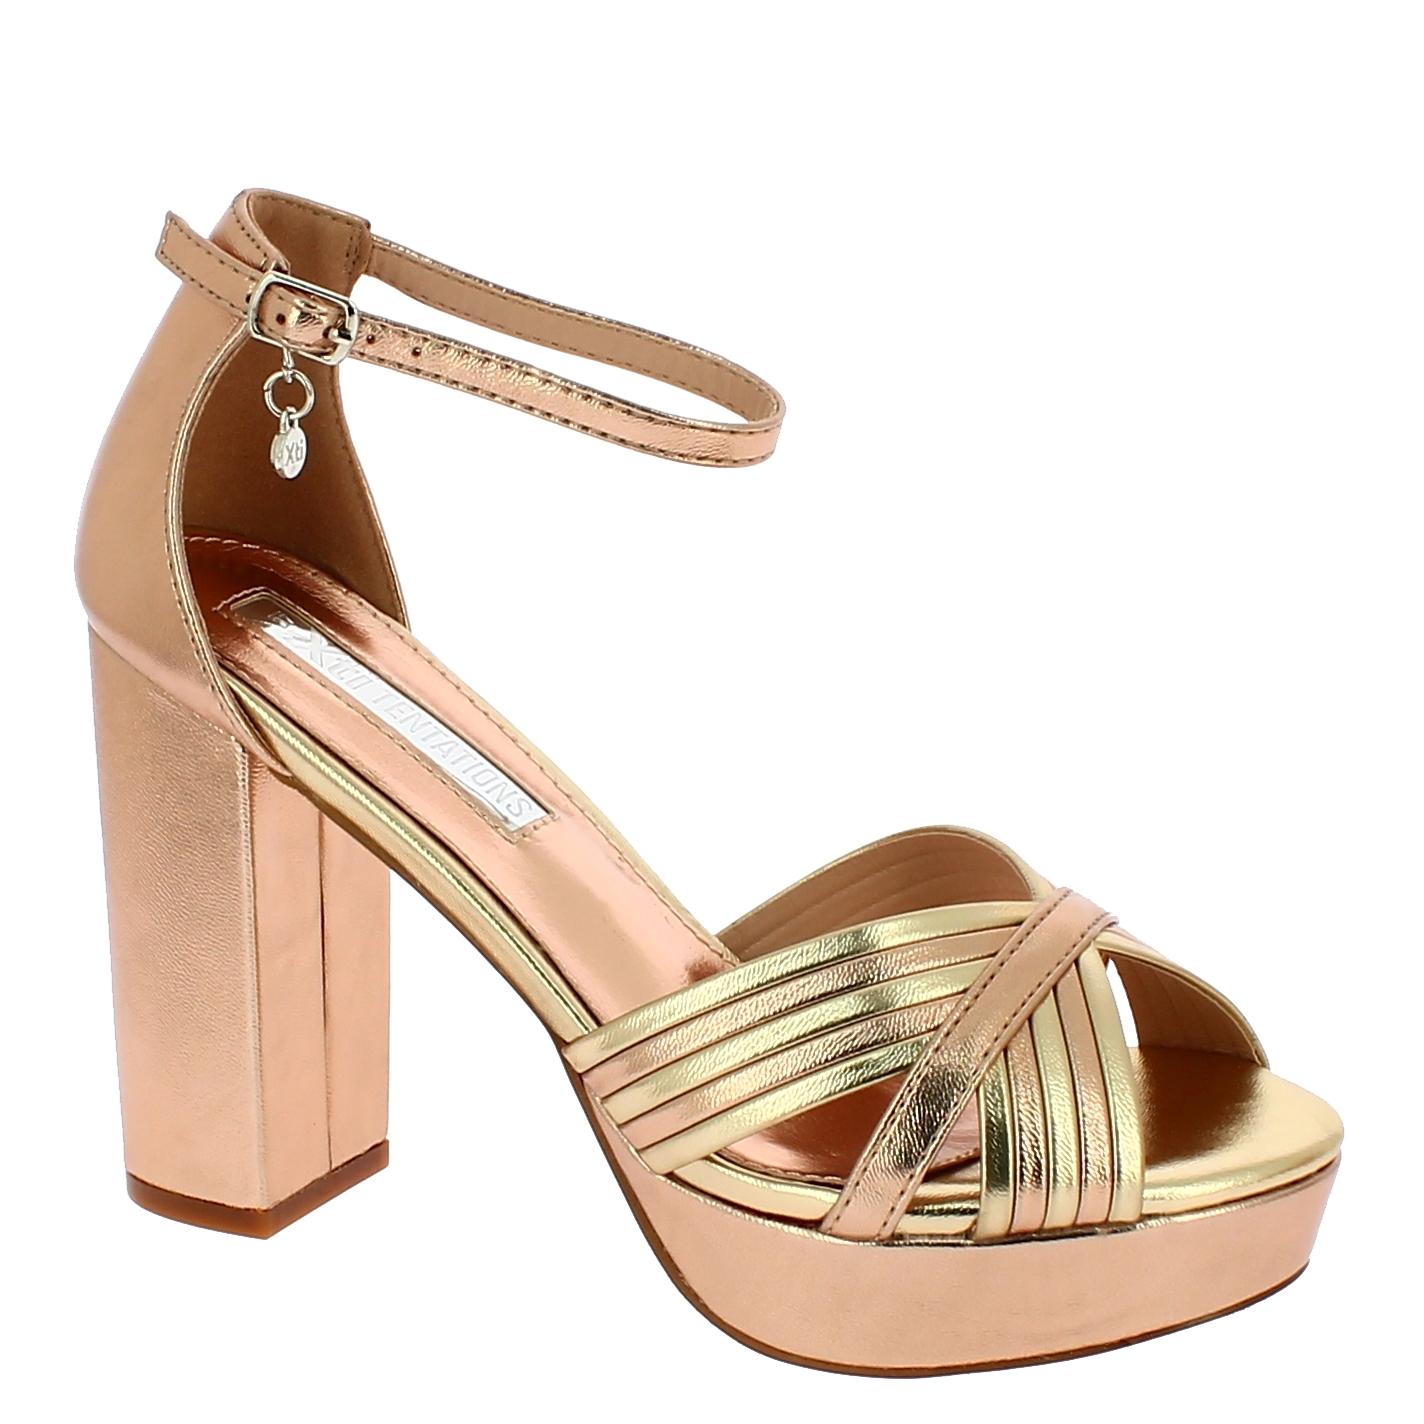 XTI Γυναικείο Πέδιλο 35037 Μπρονζέ - XTI - 35037 NUDE-XTI-bronze-36/1/34/7 παπούτσια  new in